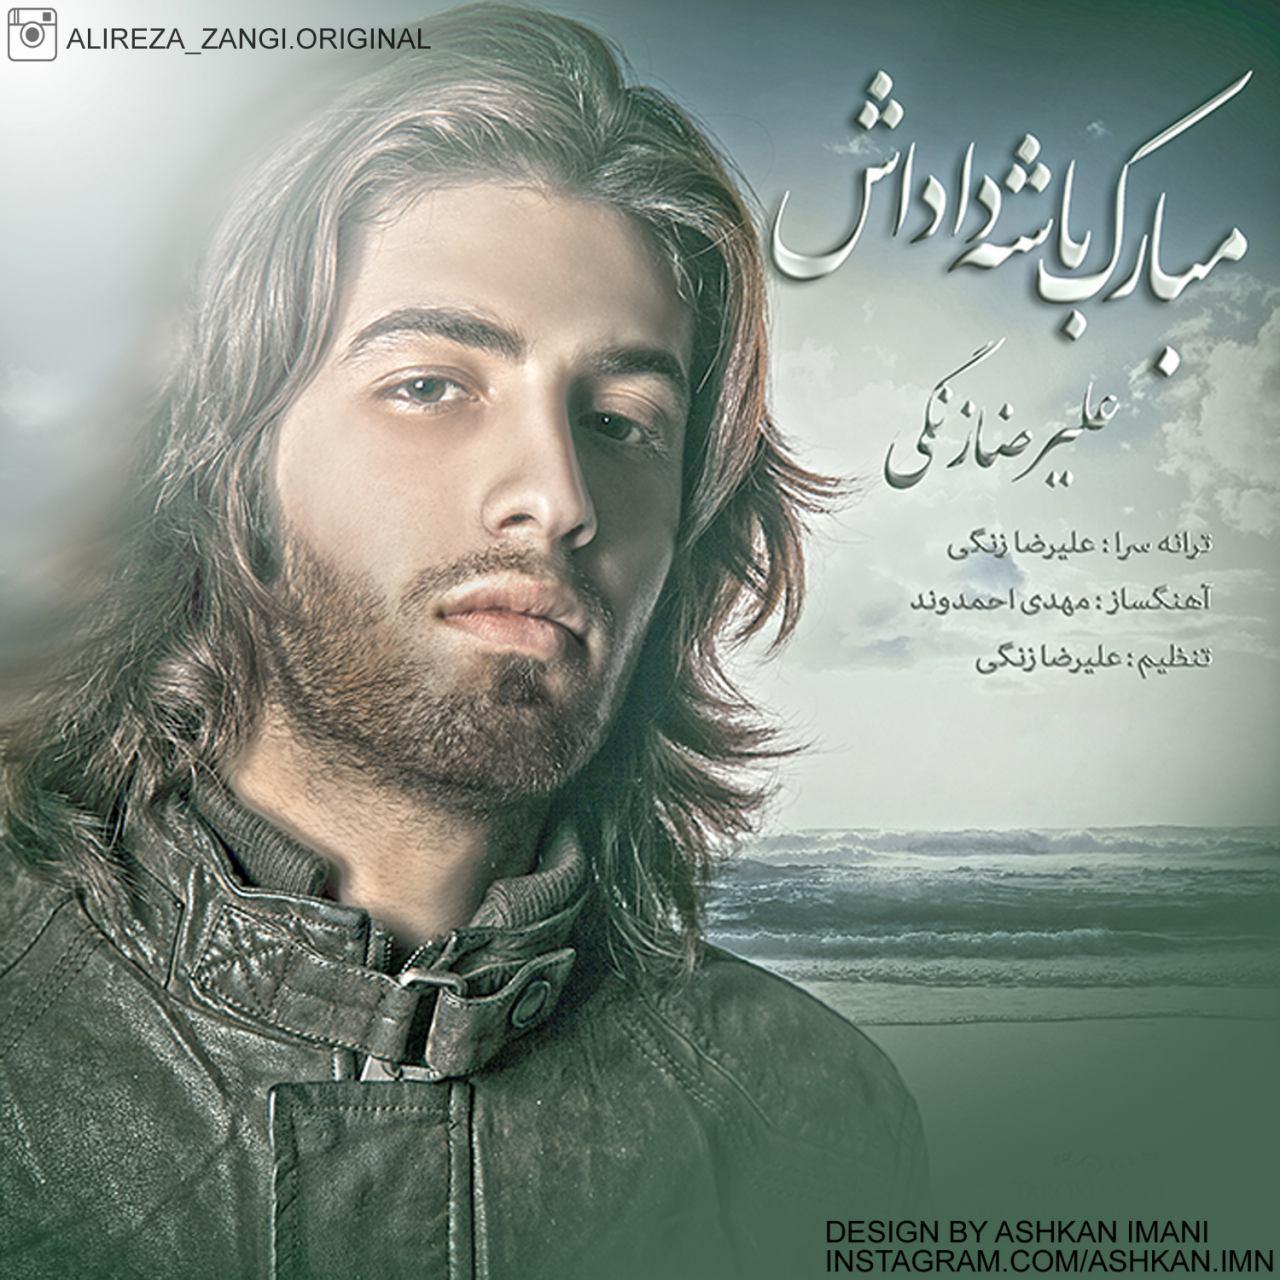 Alireza Zangi – Mobaraket Bashe Dadash